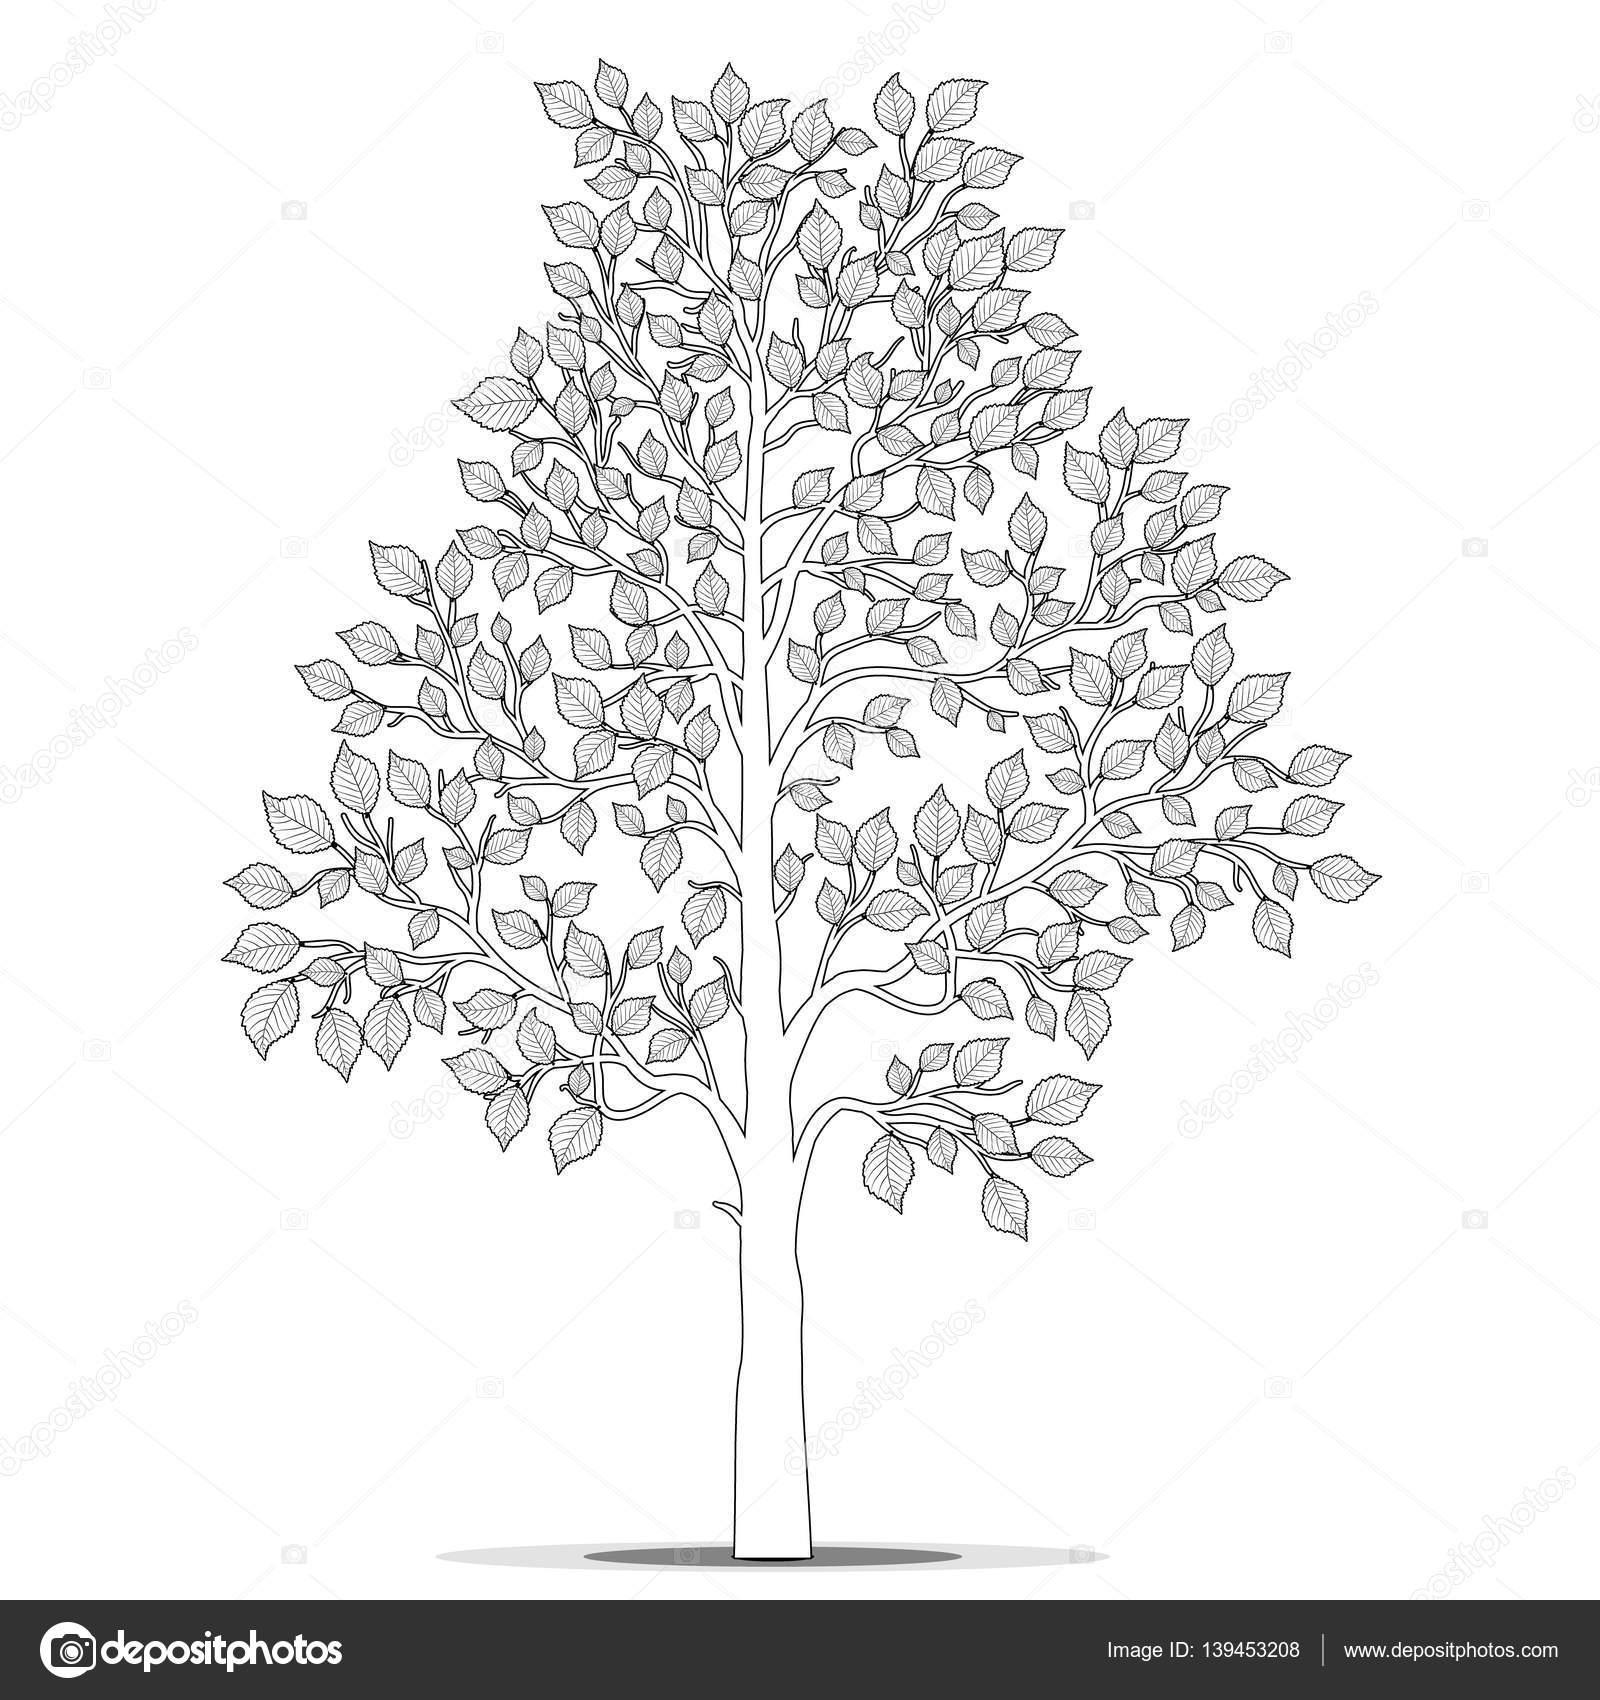 Fotos Silueta De Arboles Para Imprimir árbol Con Hojas